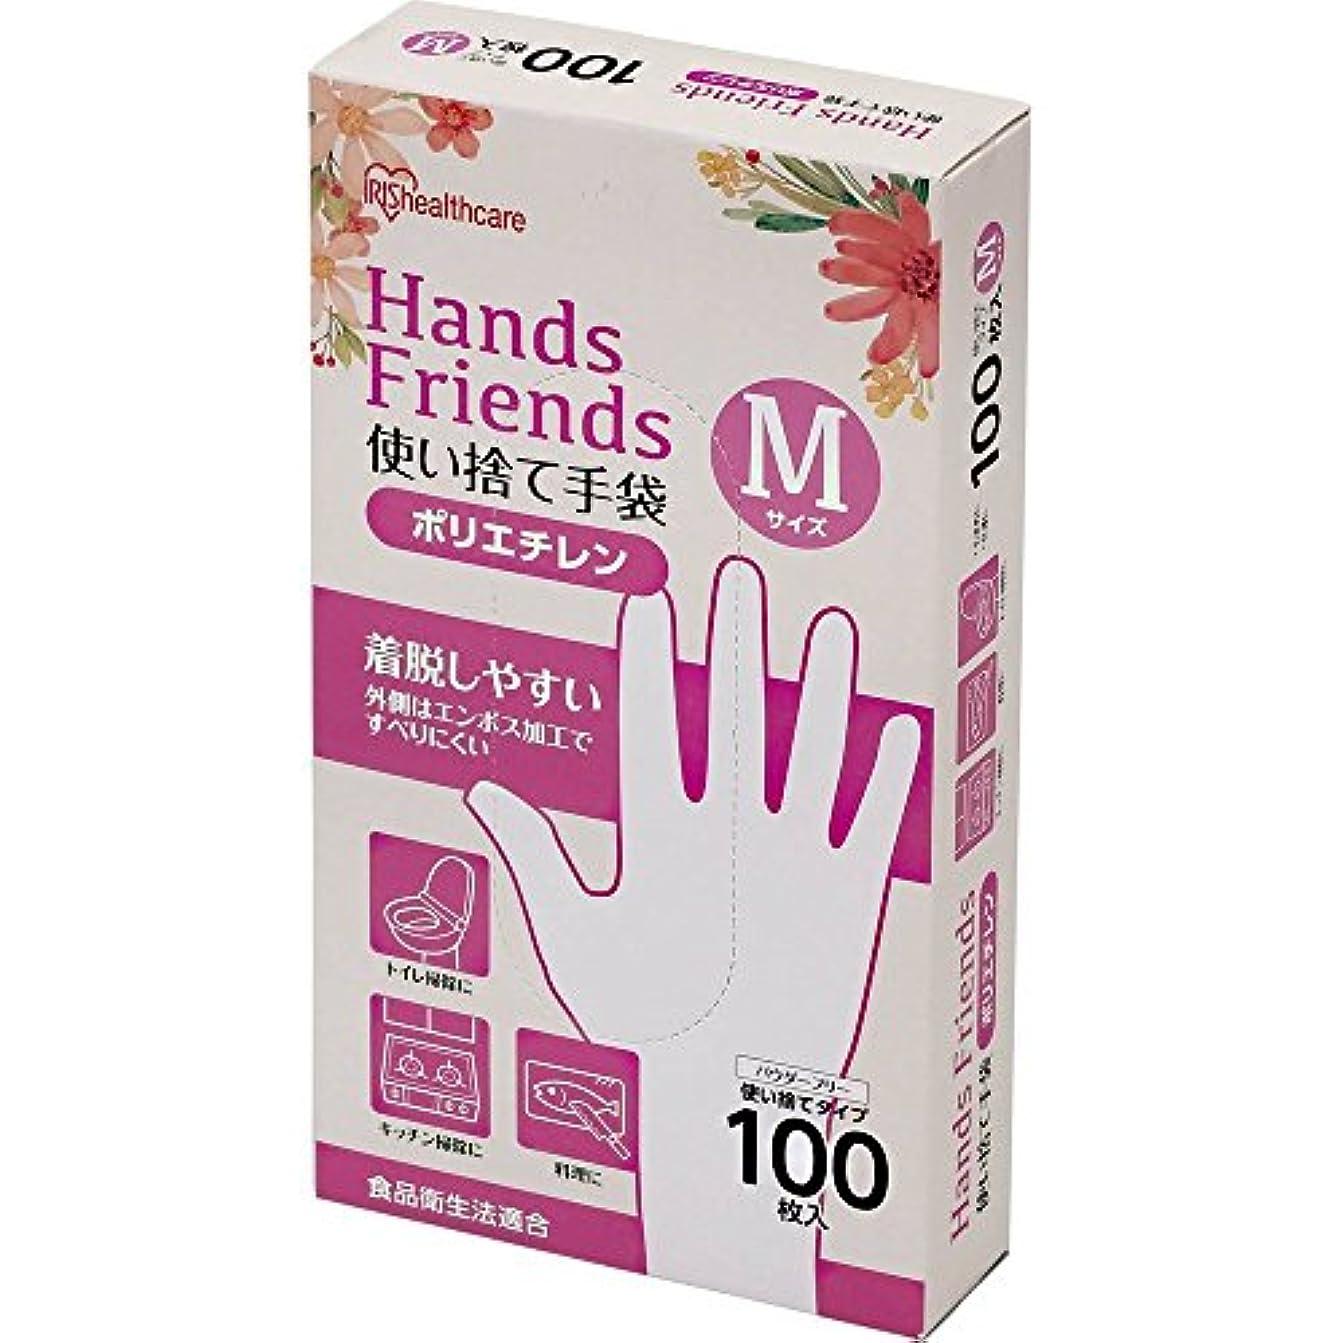 天の流産背が高い使い捨て手袋 ポリエチレン手袋 Mサイズ 粉なし パウダーフリー クリア 100枚入